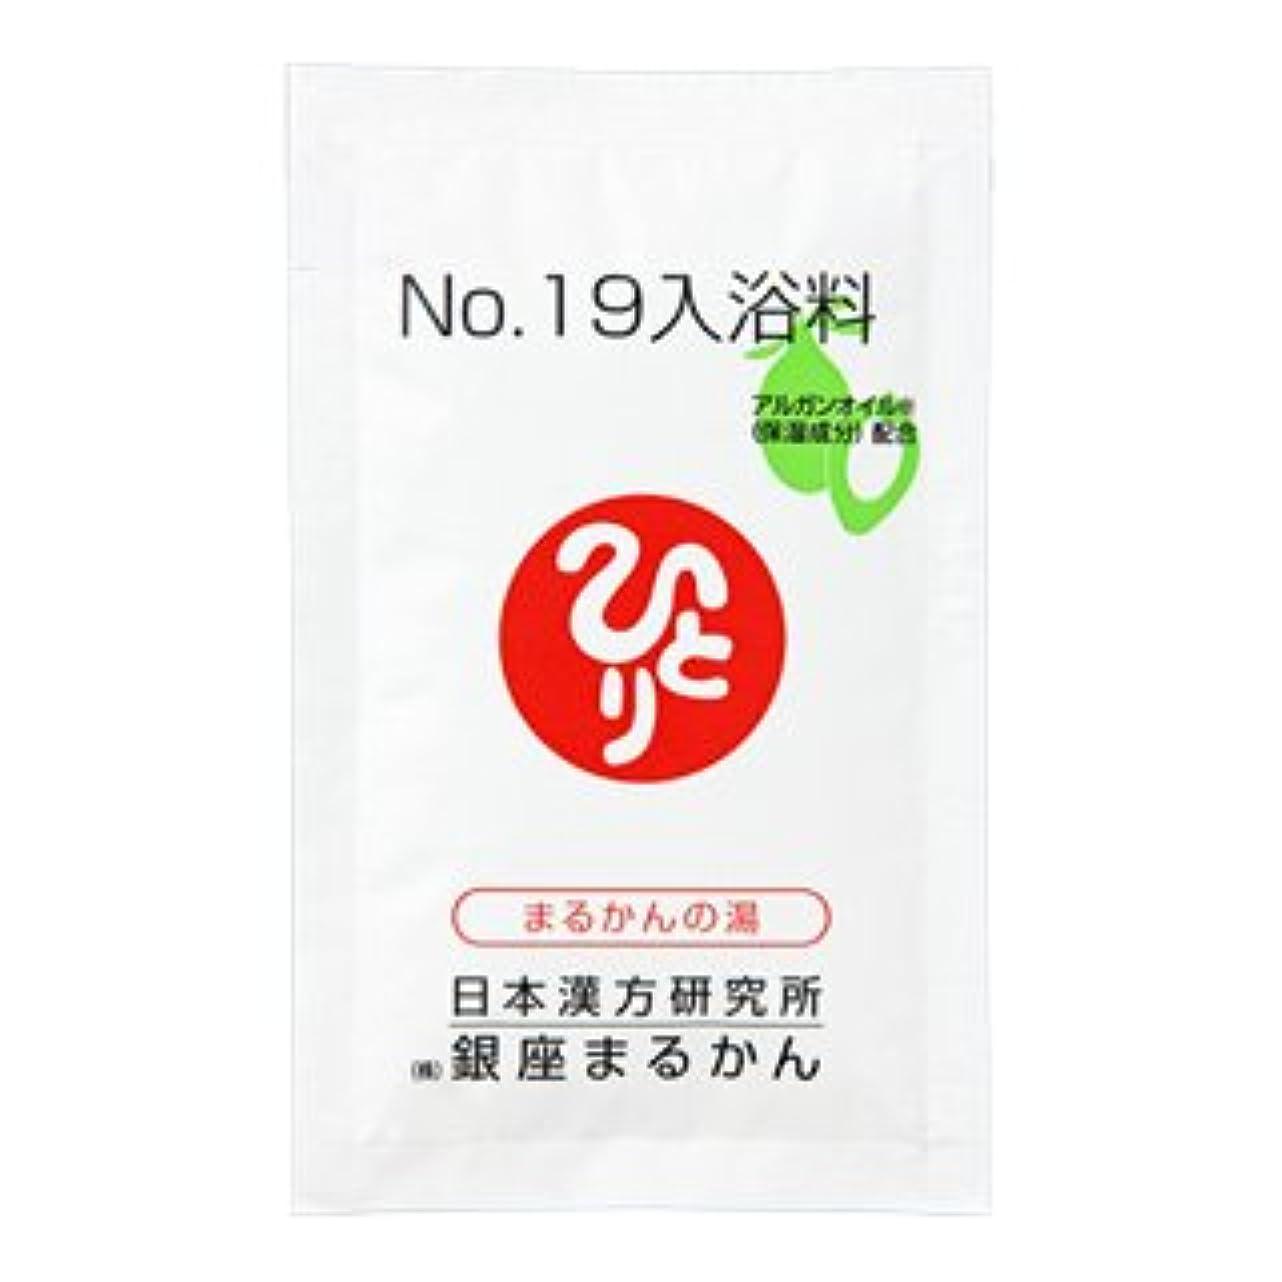 ライオンスポンジ好奇心銀座まるかん No.19入浴料(50個)